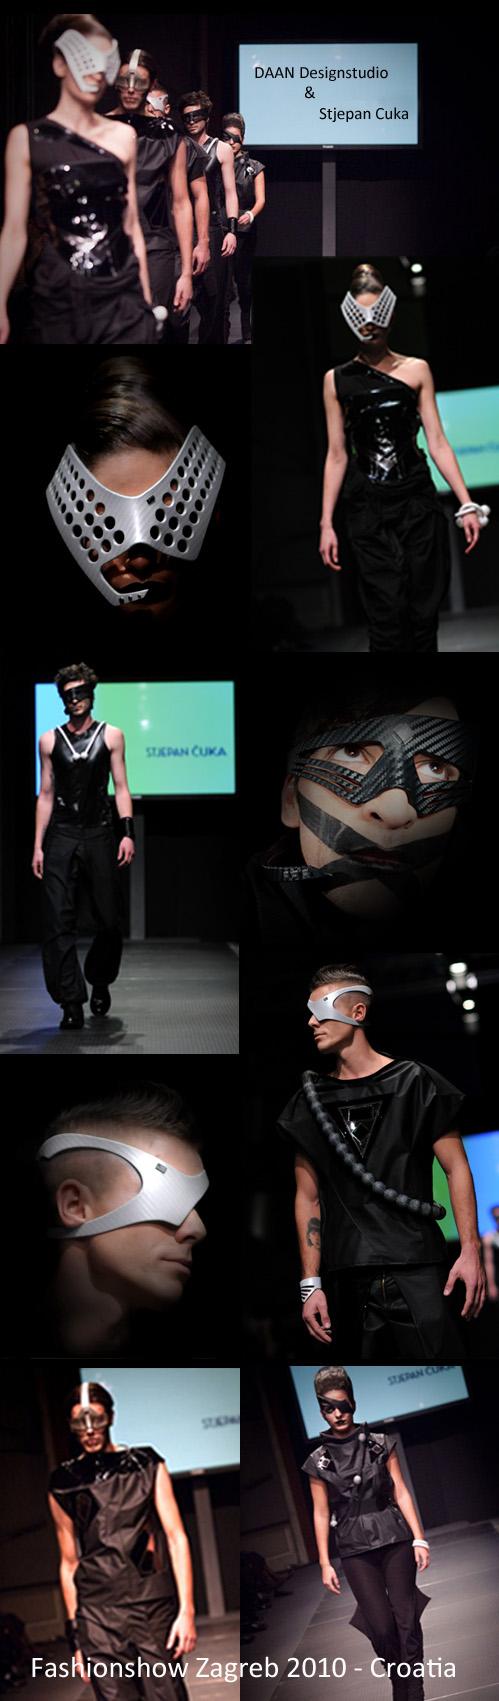 fashion wardrobe 2010 zagreb